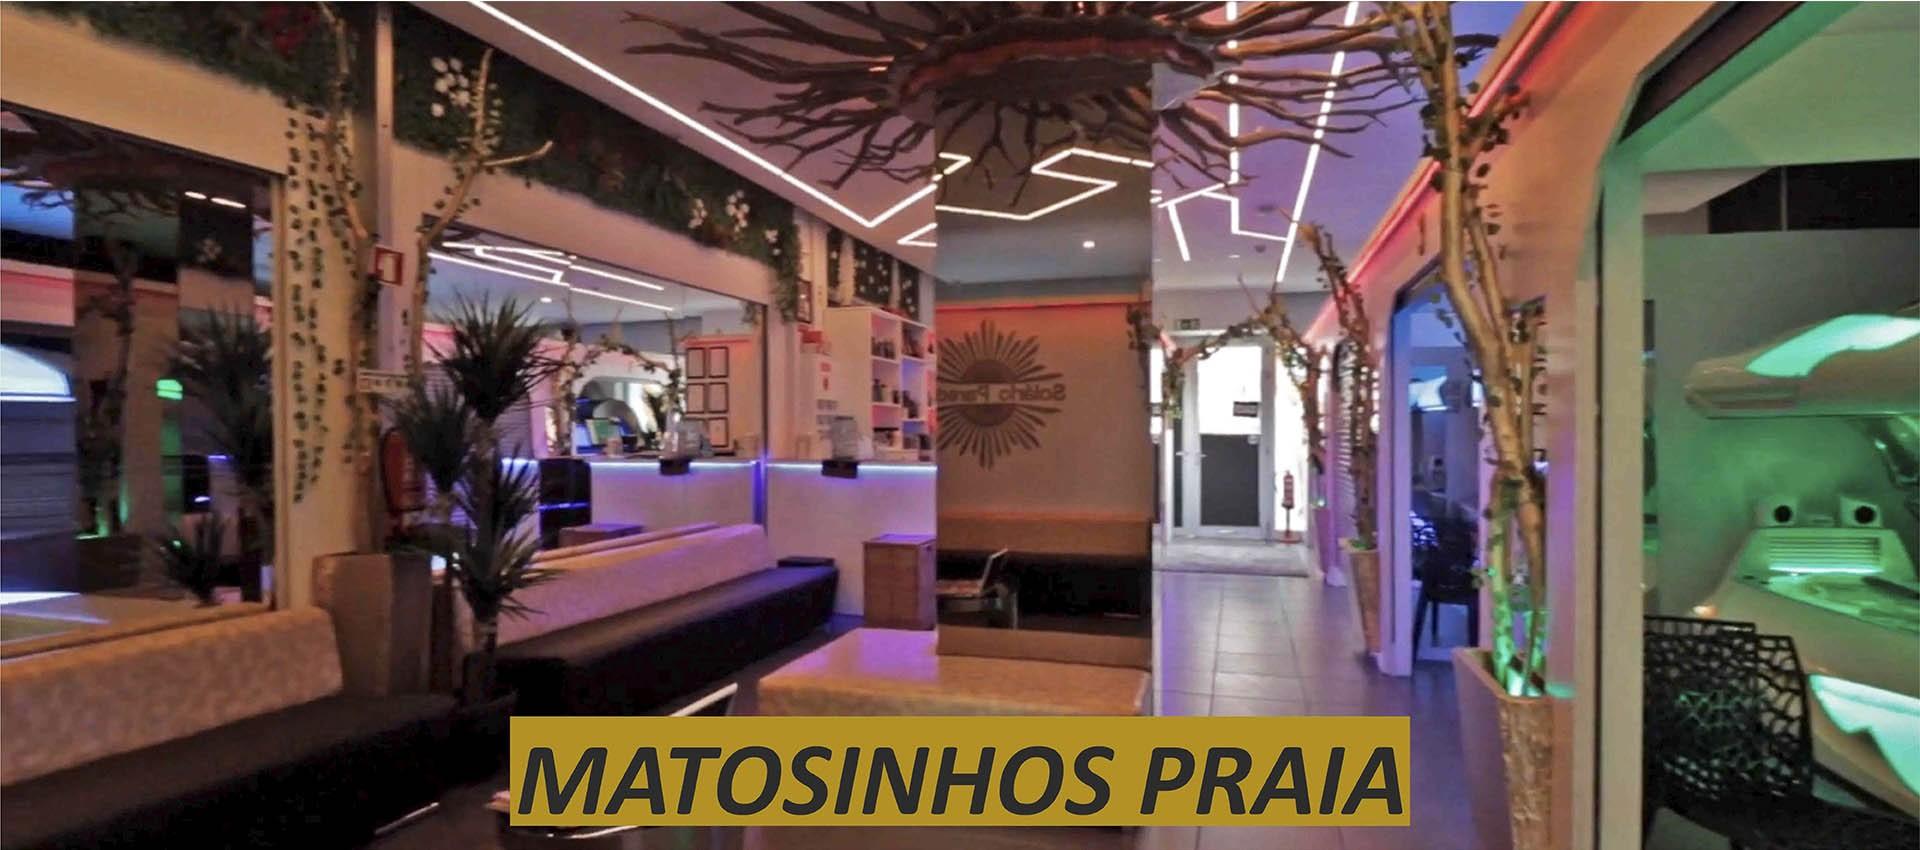 Matosinhos Praia